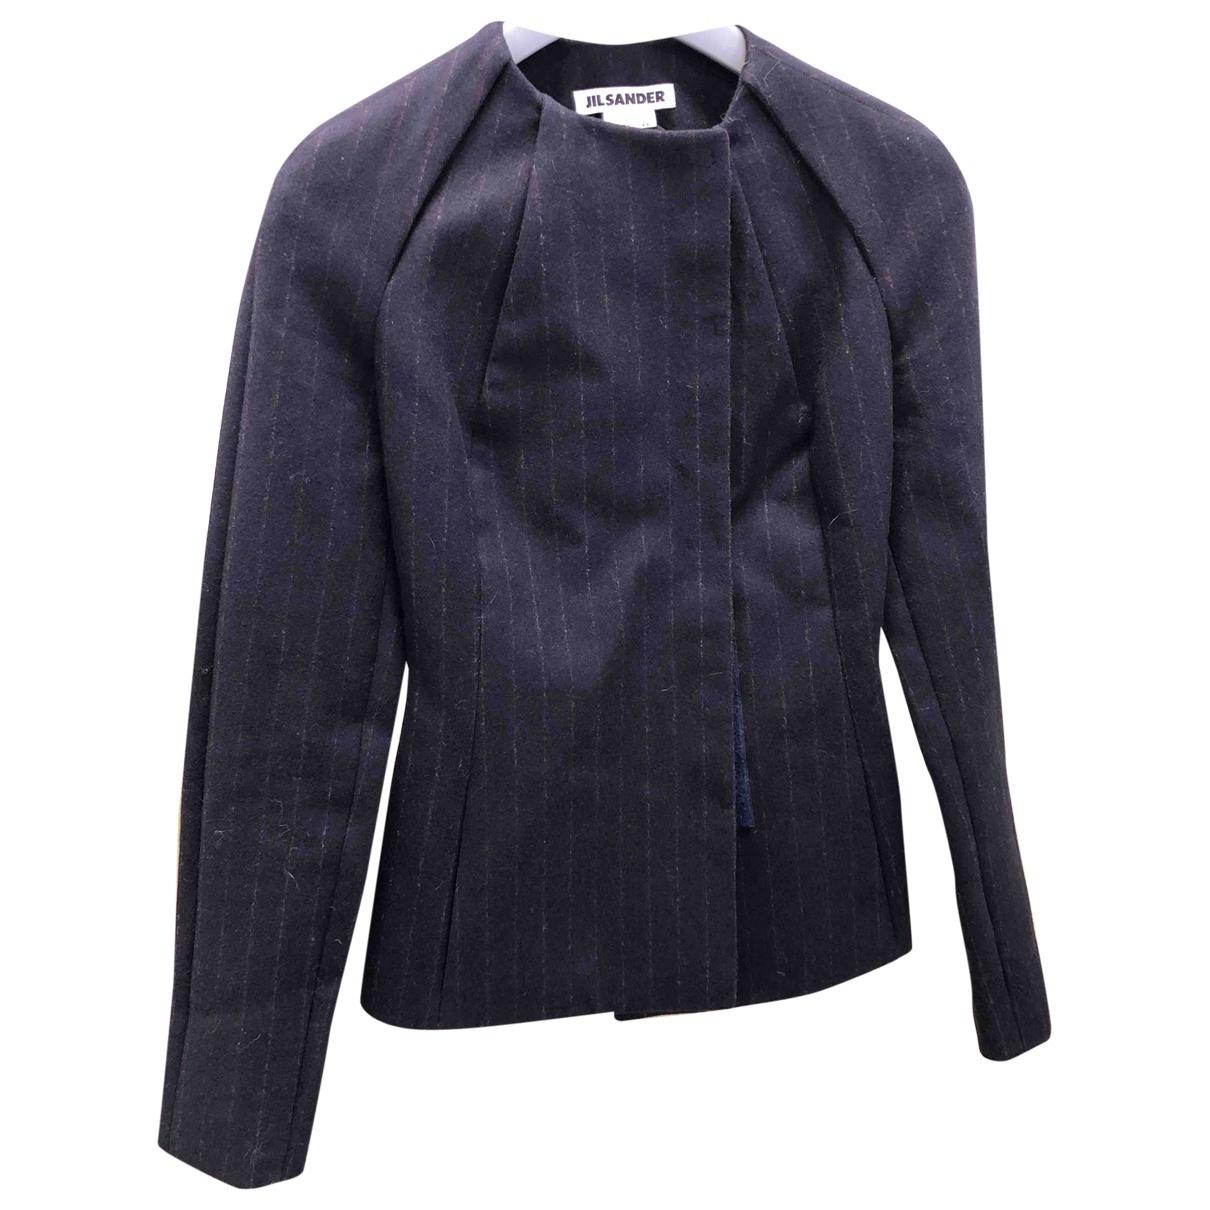 Jil Sander - Veste   pour femme en laine - bleu